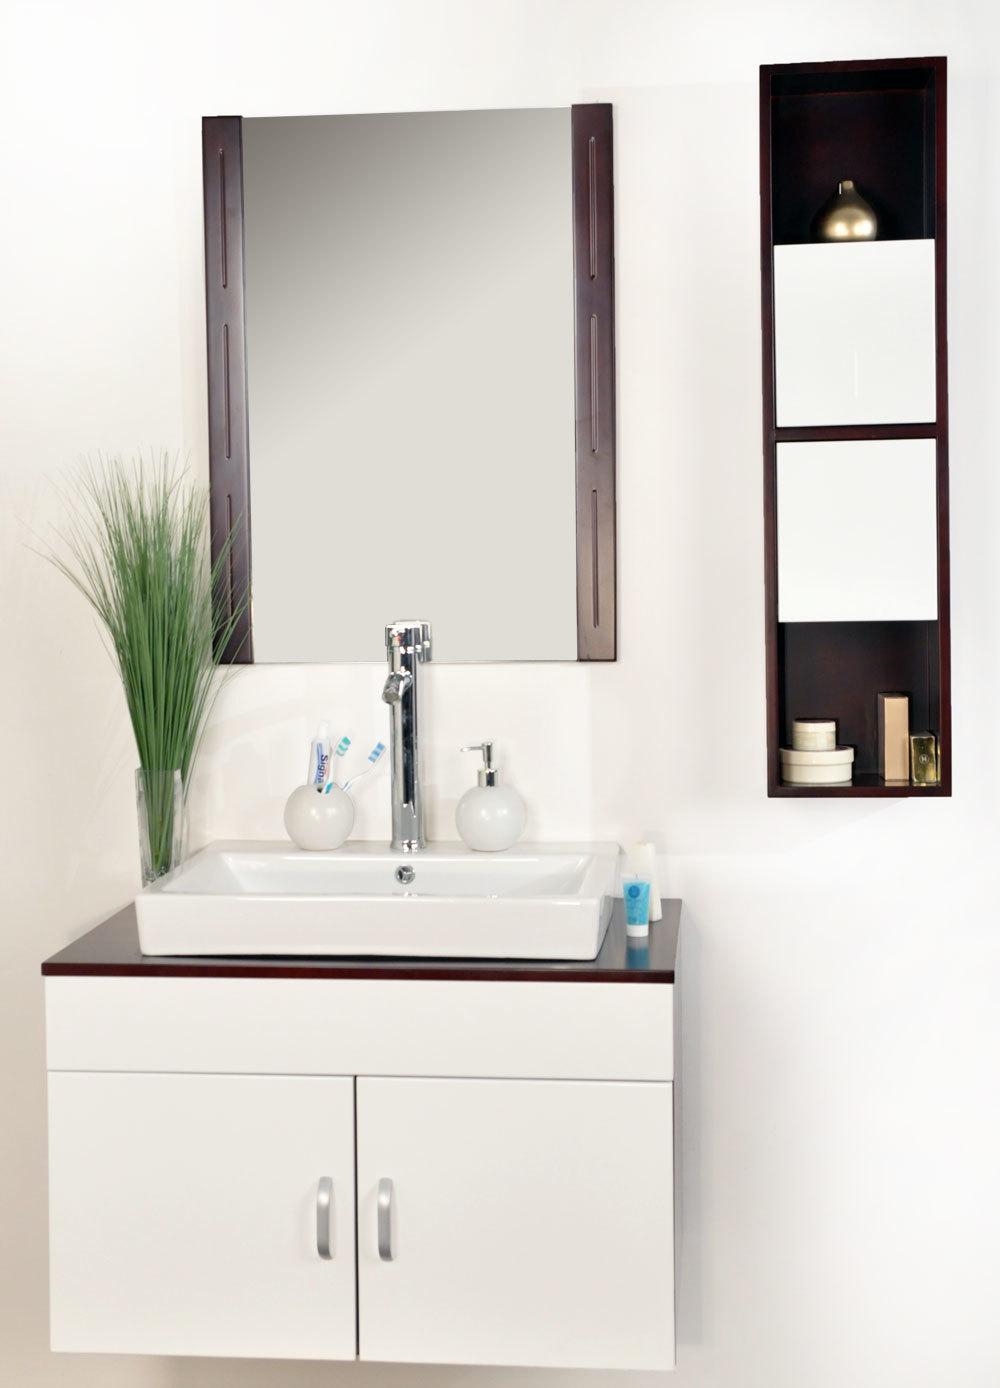 mobili per lavandino bagno. mobili per lavandino bagno with mobili ... - Mobile Sotto Lavandino Bagno